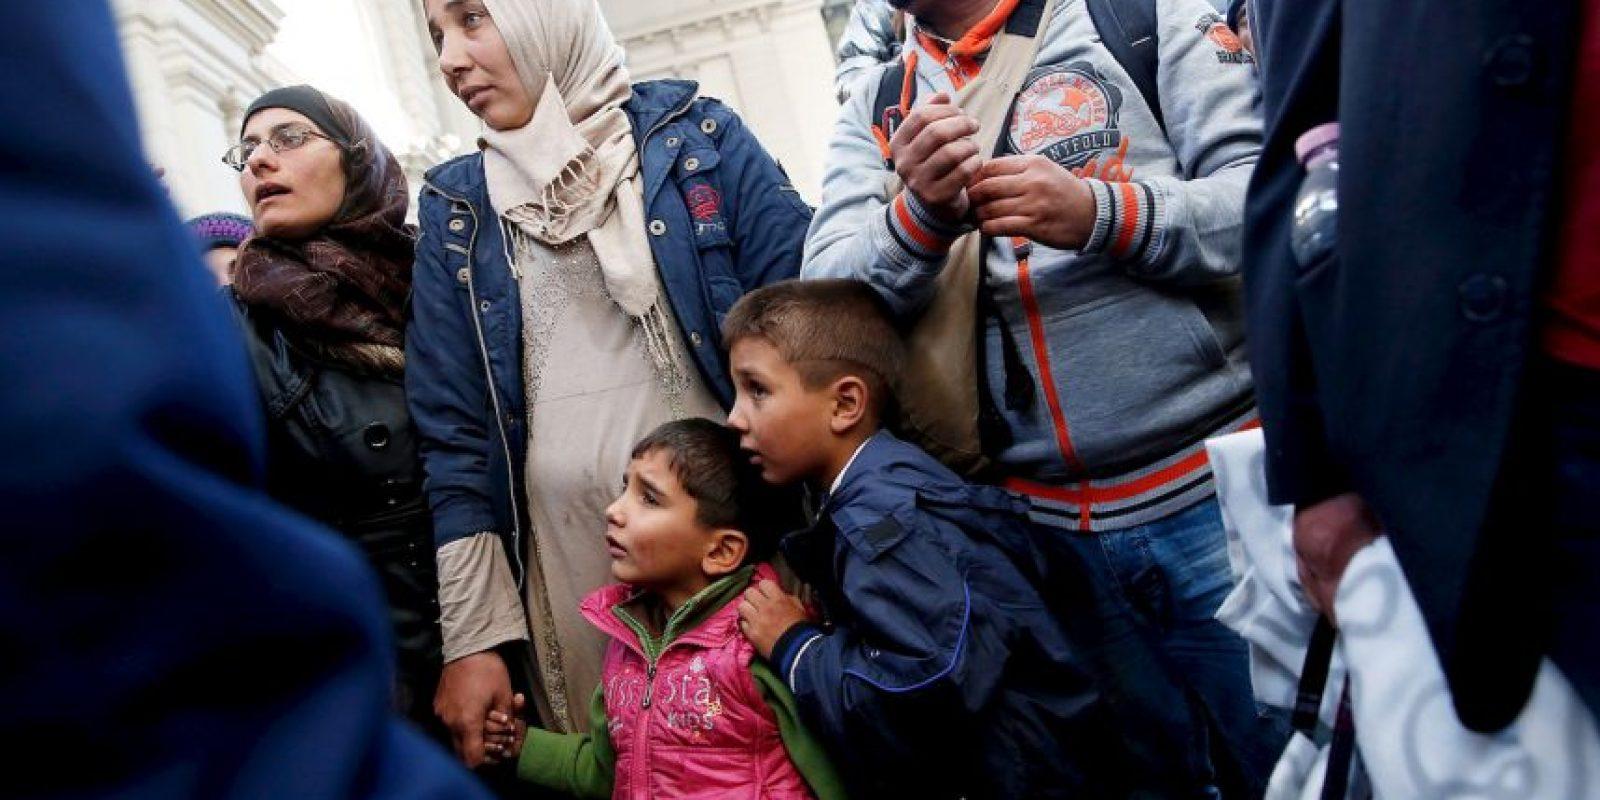 La foto del niño Aylan ahogado en una playa de Turquía y el padre que vendía bolígrafos en Siria para darle de comer a su pequeña hija son algunos de los casos que han conmovido al mundo. Foto:Getty Images